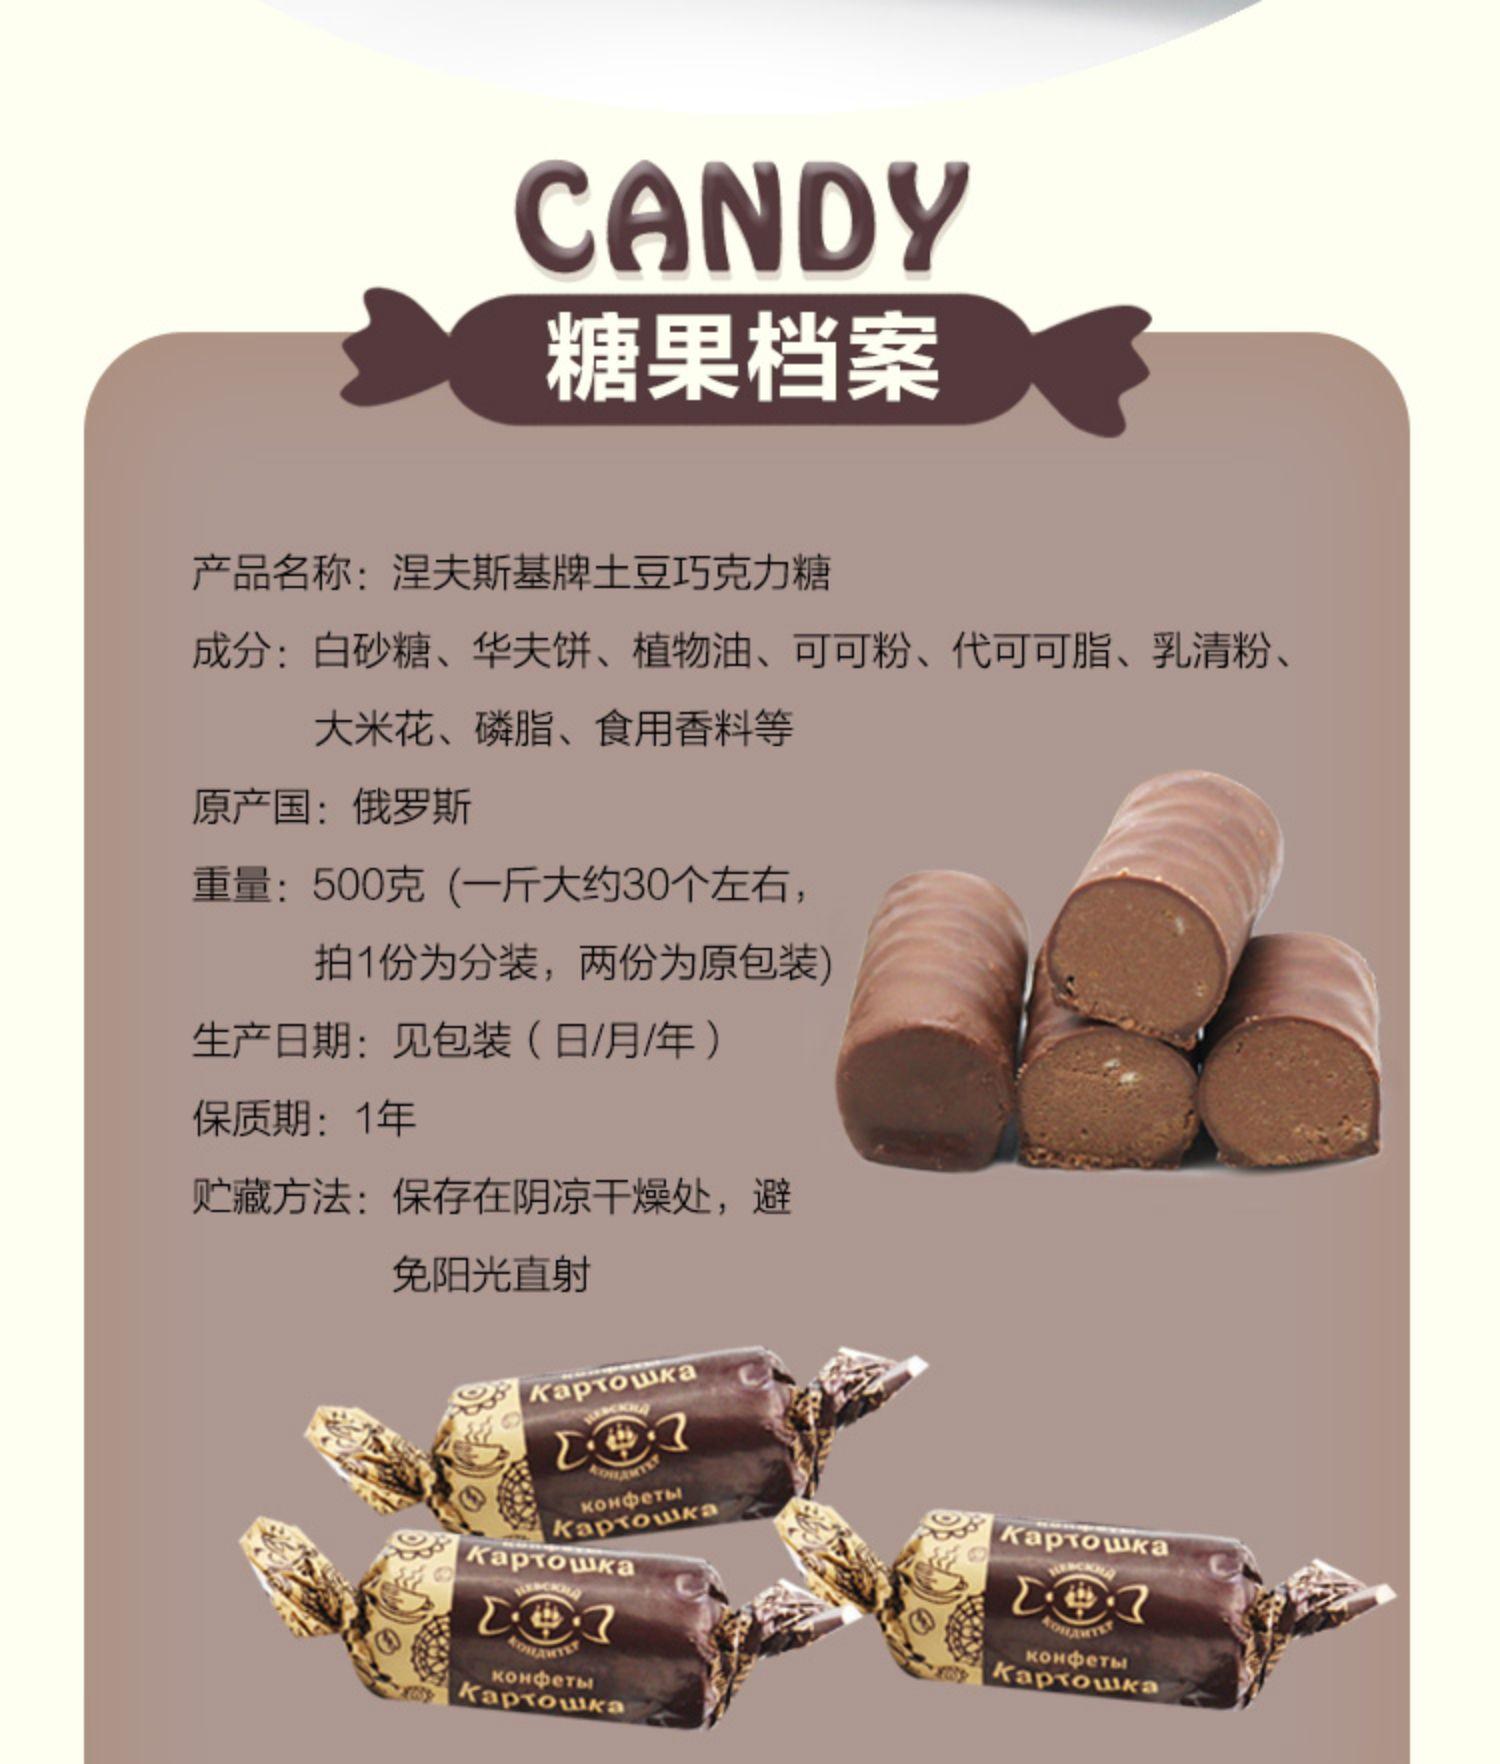 俄罗斯进口鬆露土豆泥糖夹心纯巧克力可可糖果婚庆小零食喜糖详细照片